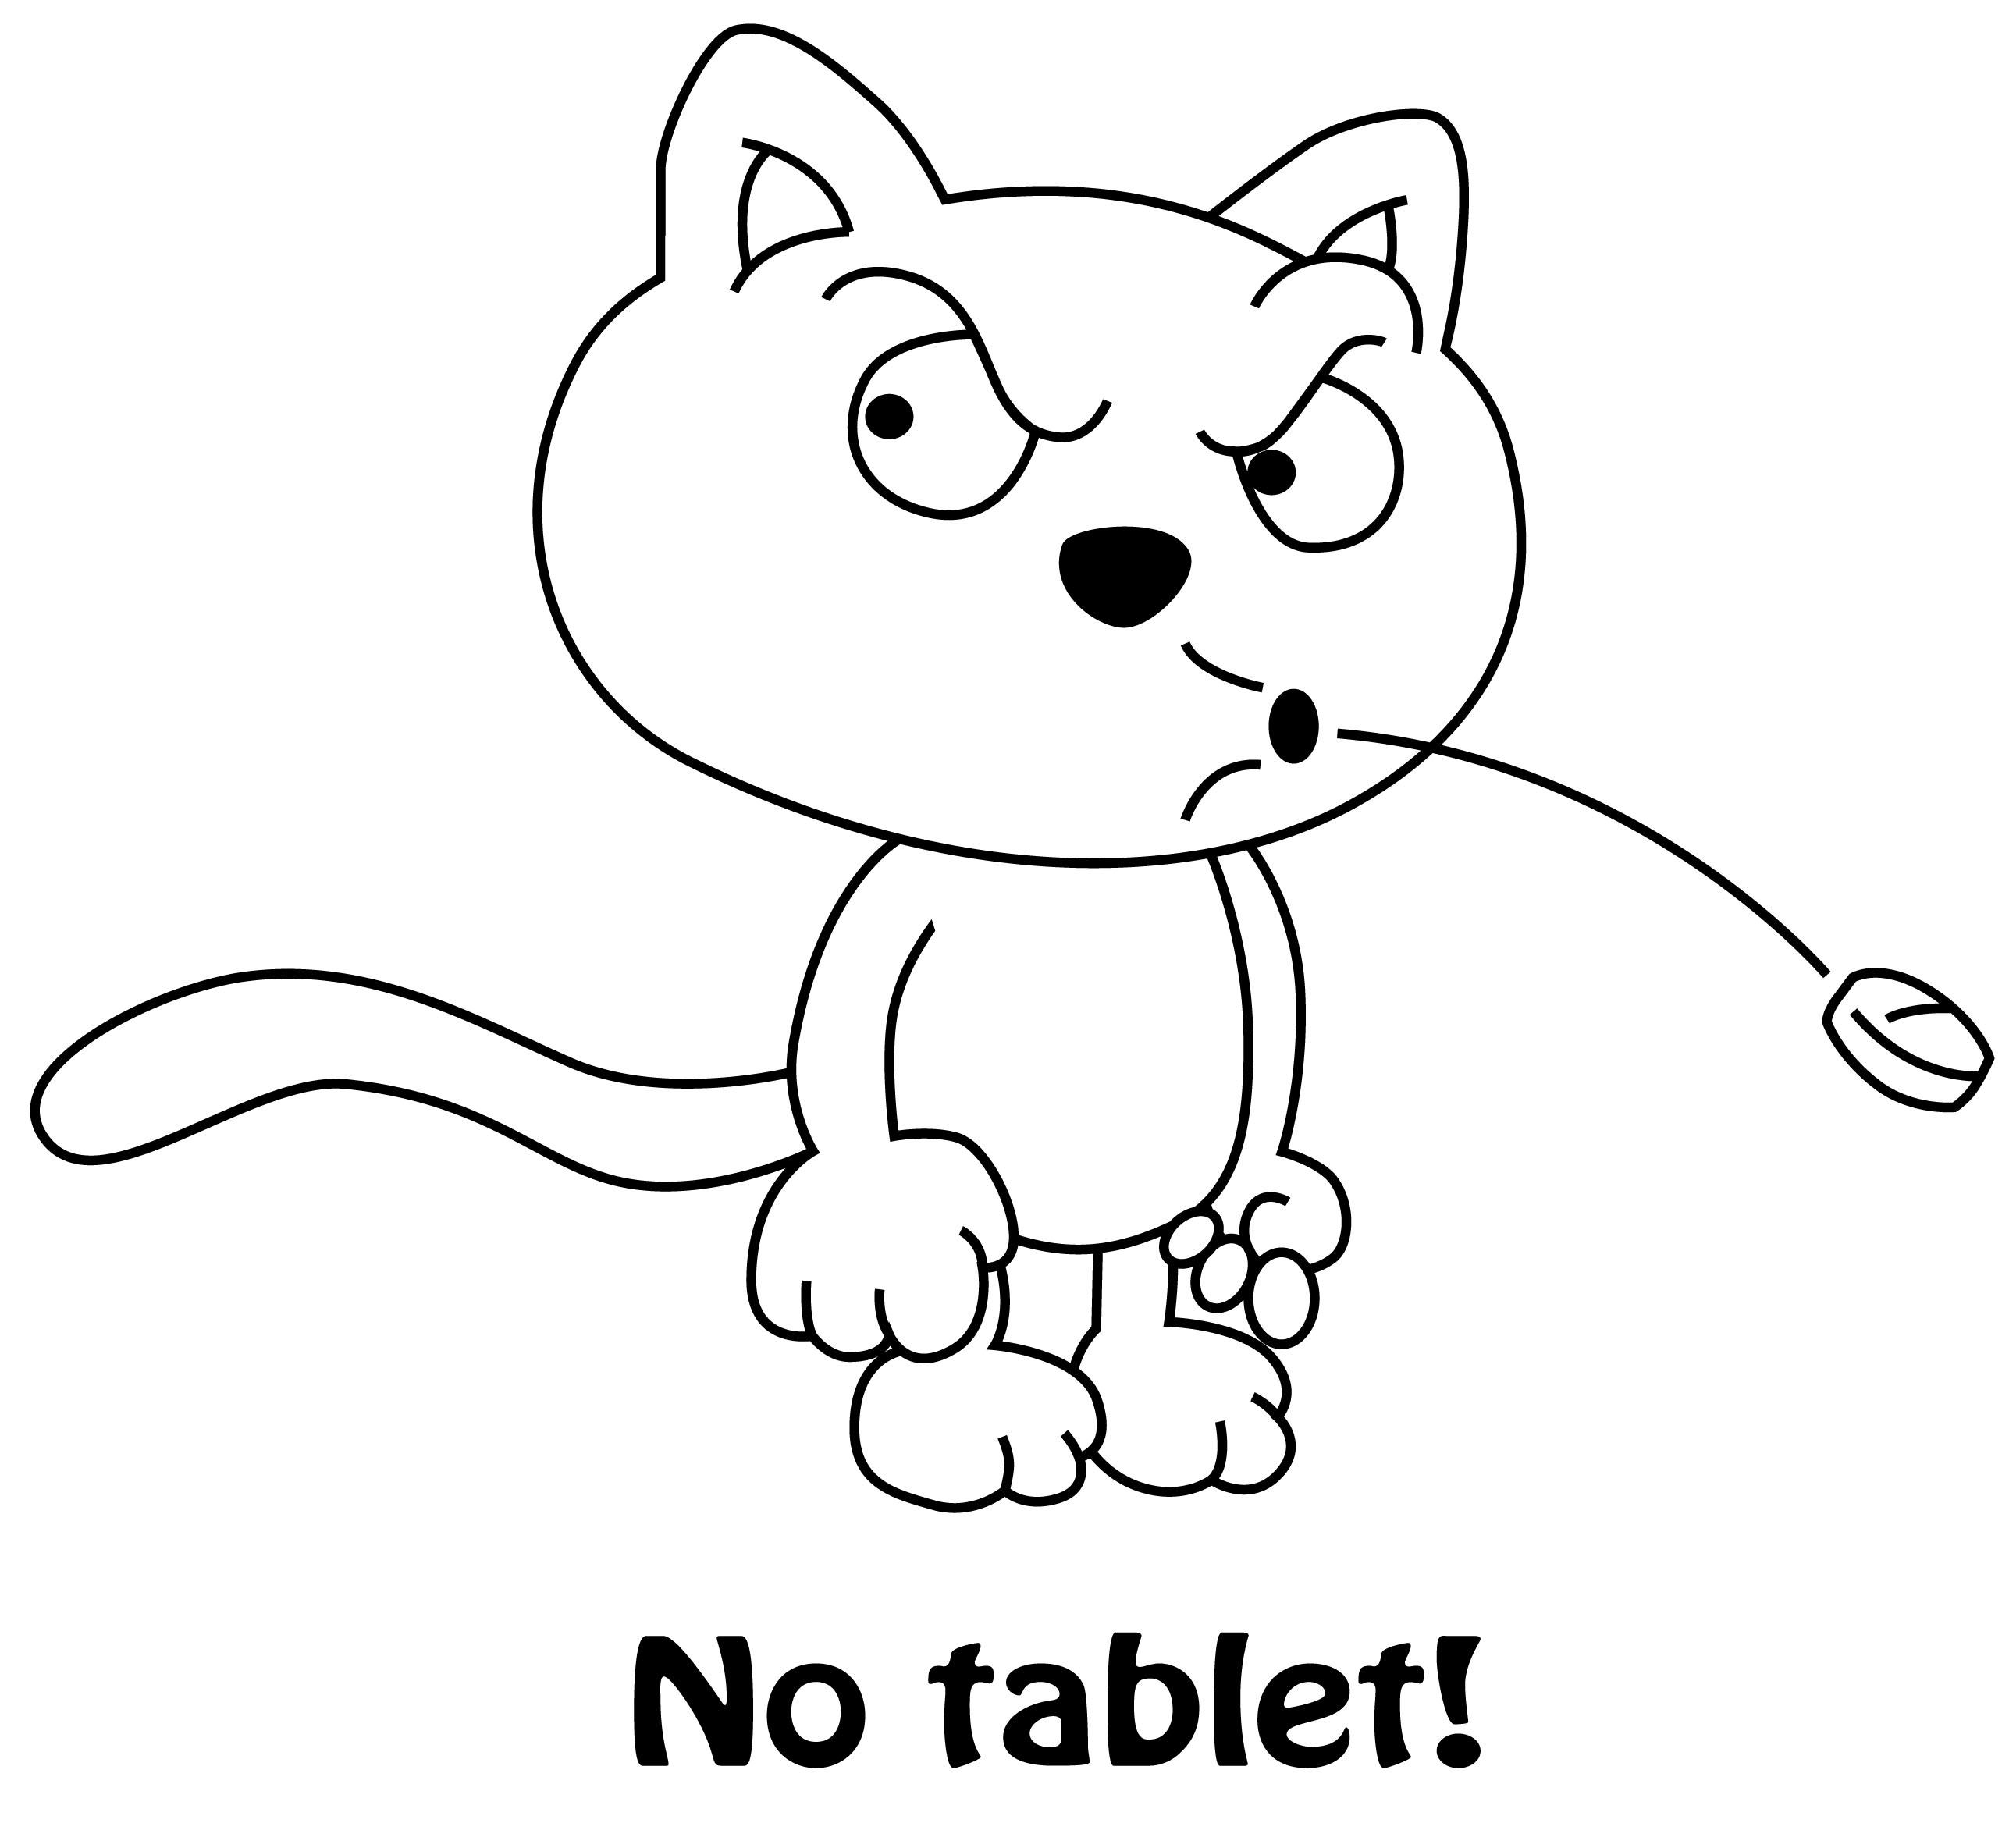 no tablet